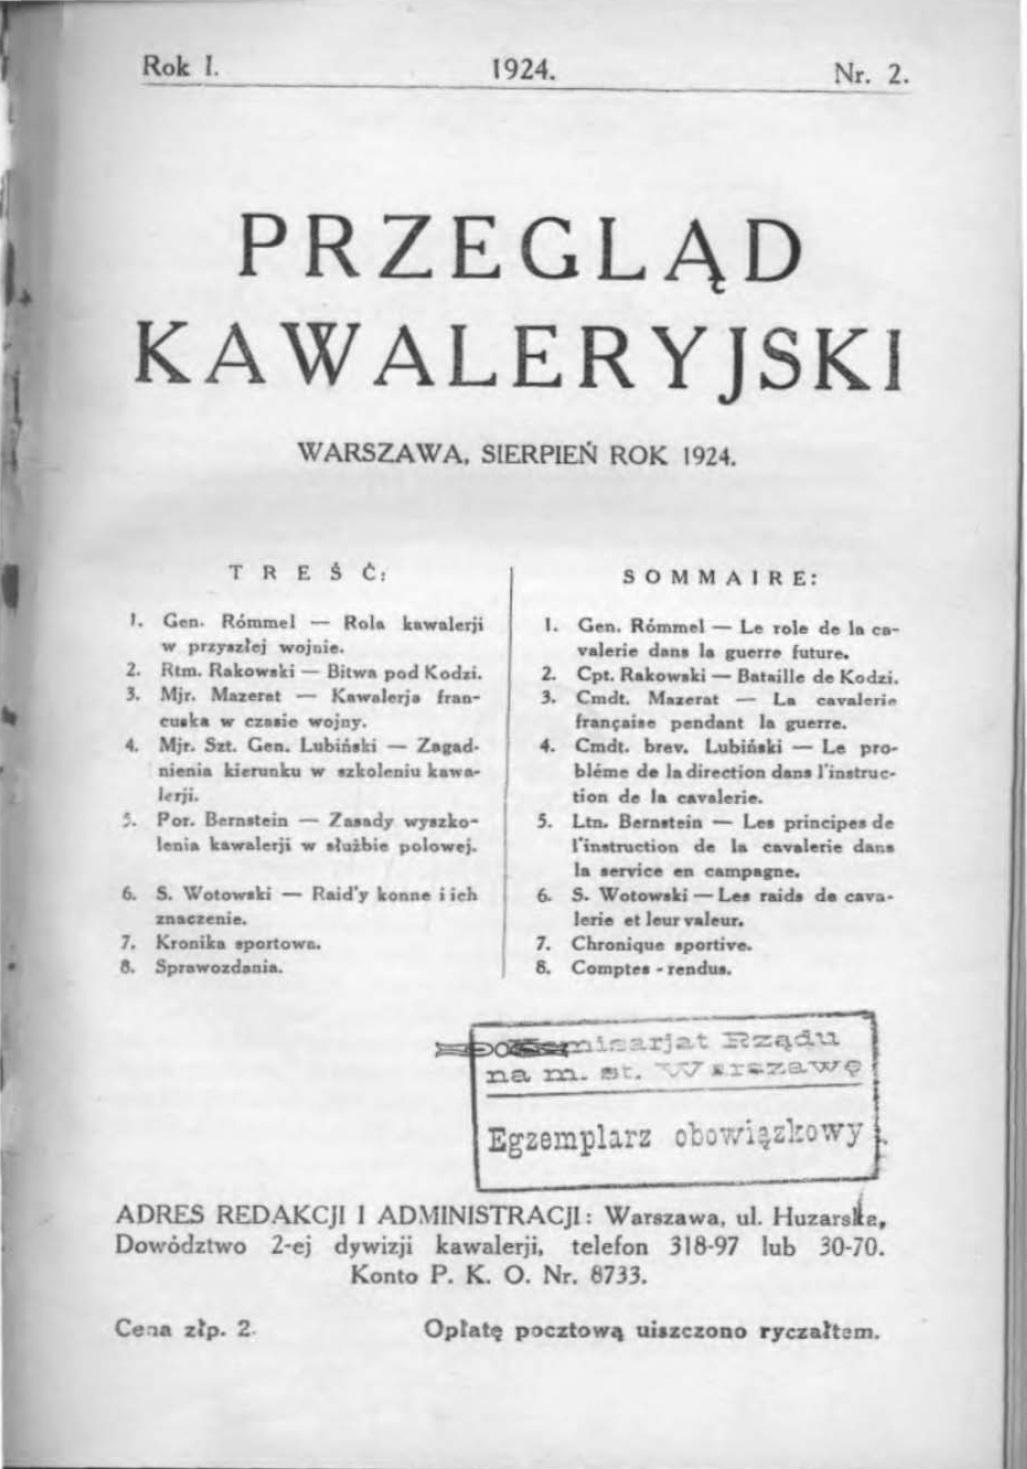 Przegląd Kawaleryjski 1924 zeszyt nr 2